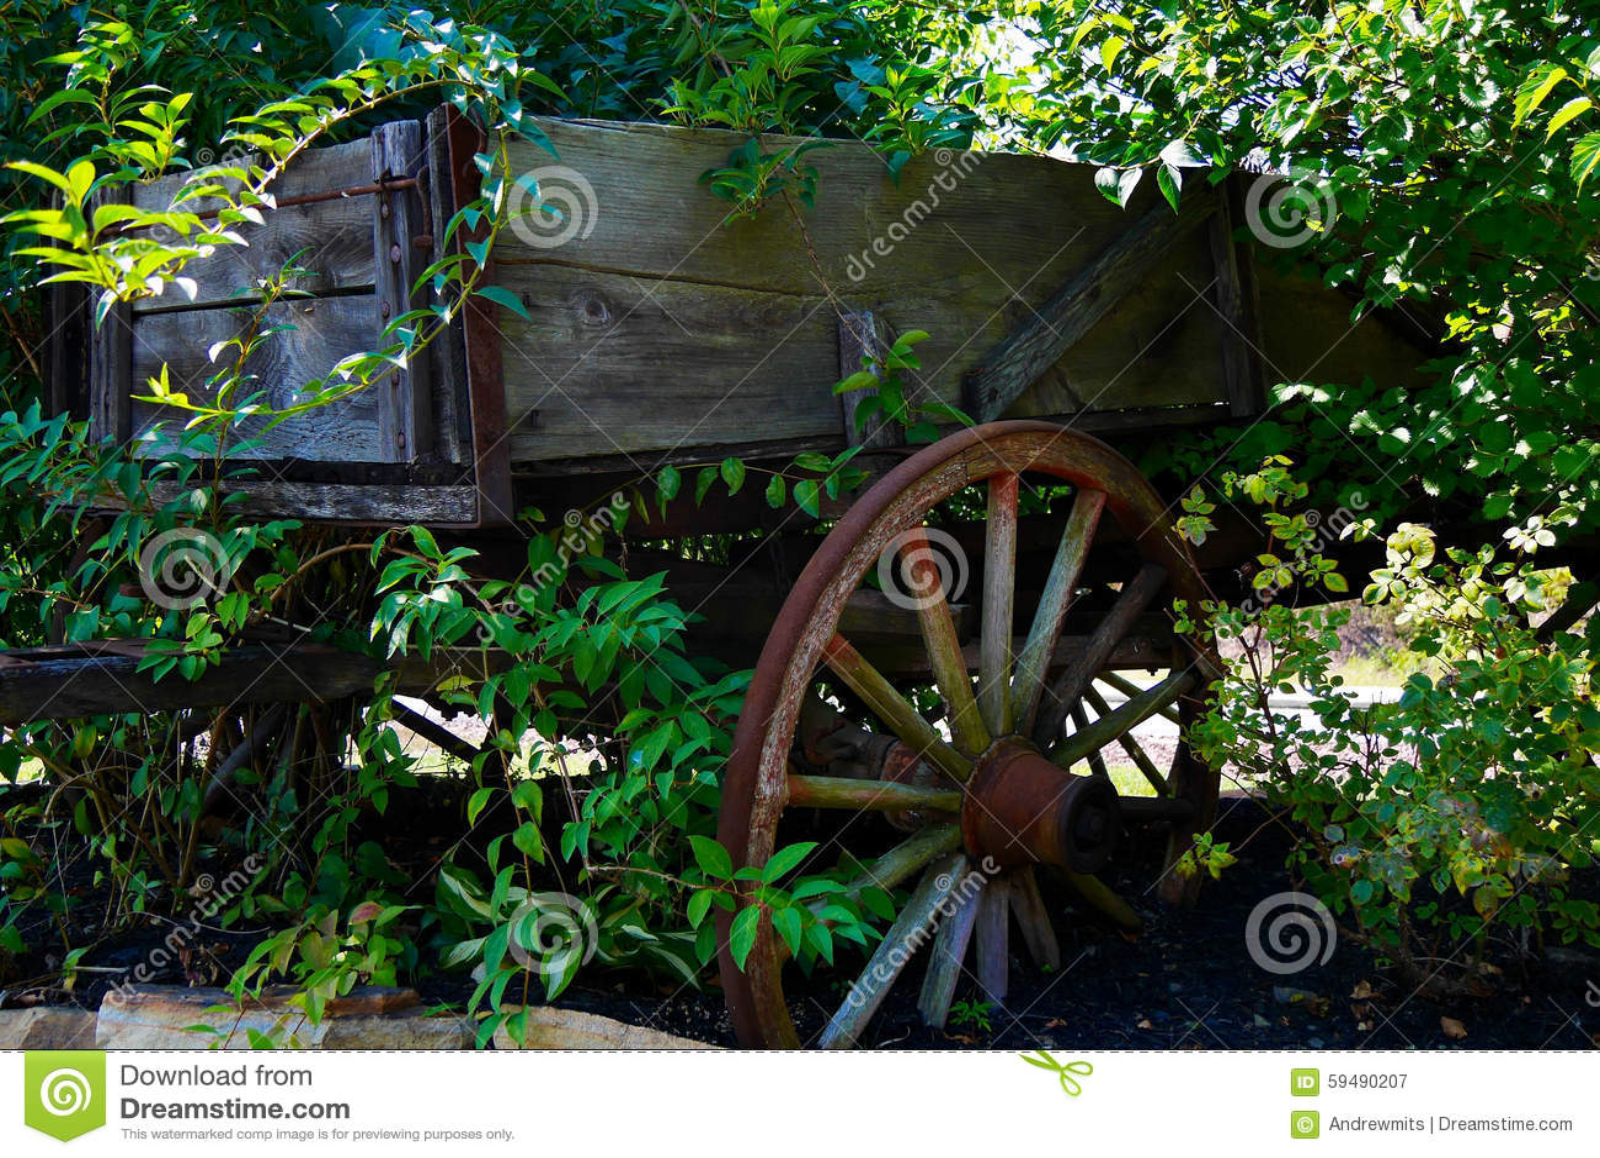 grade outdoor cart dp wheels garden ft utility cu com residential amazon